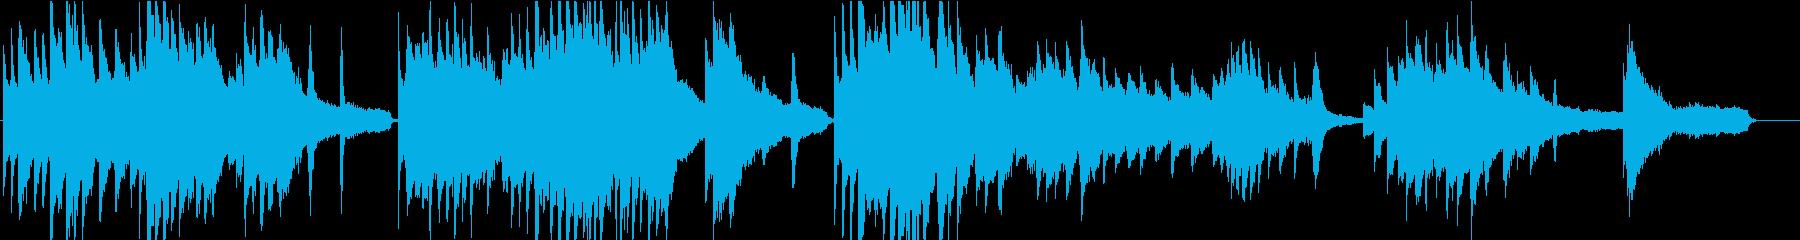 せつなく感動的なピアノソロ曲の再生済みの波形